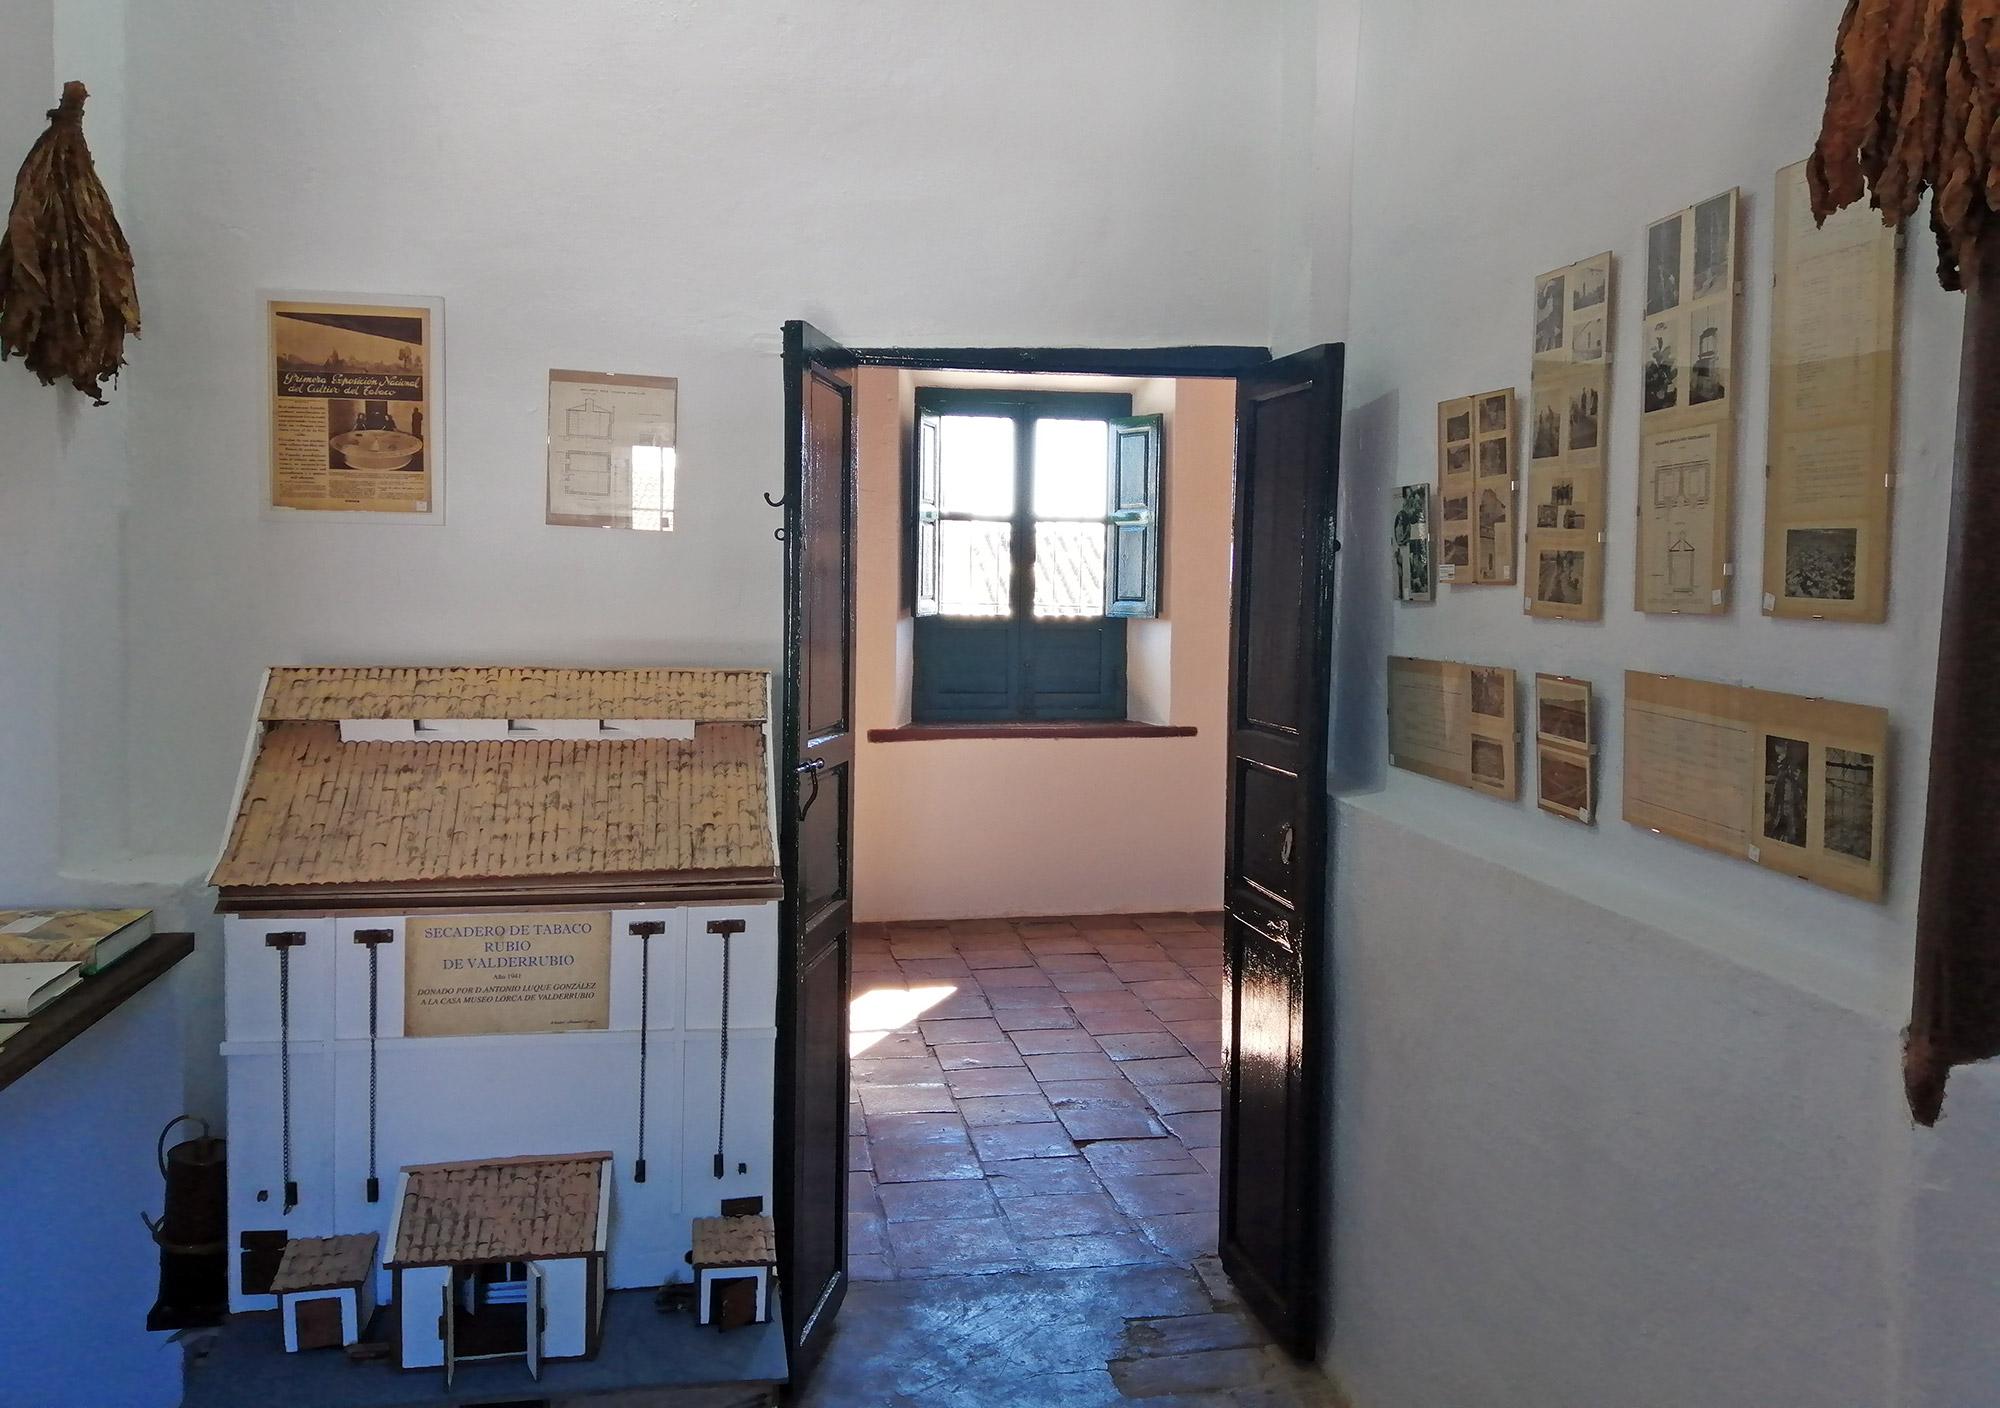 Exposición del tabaco rubio en la Casa Museo de FGL en Valderrubio.